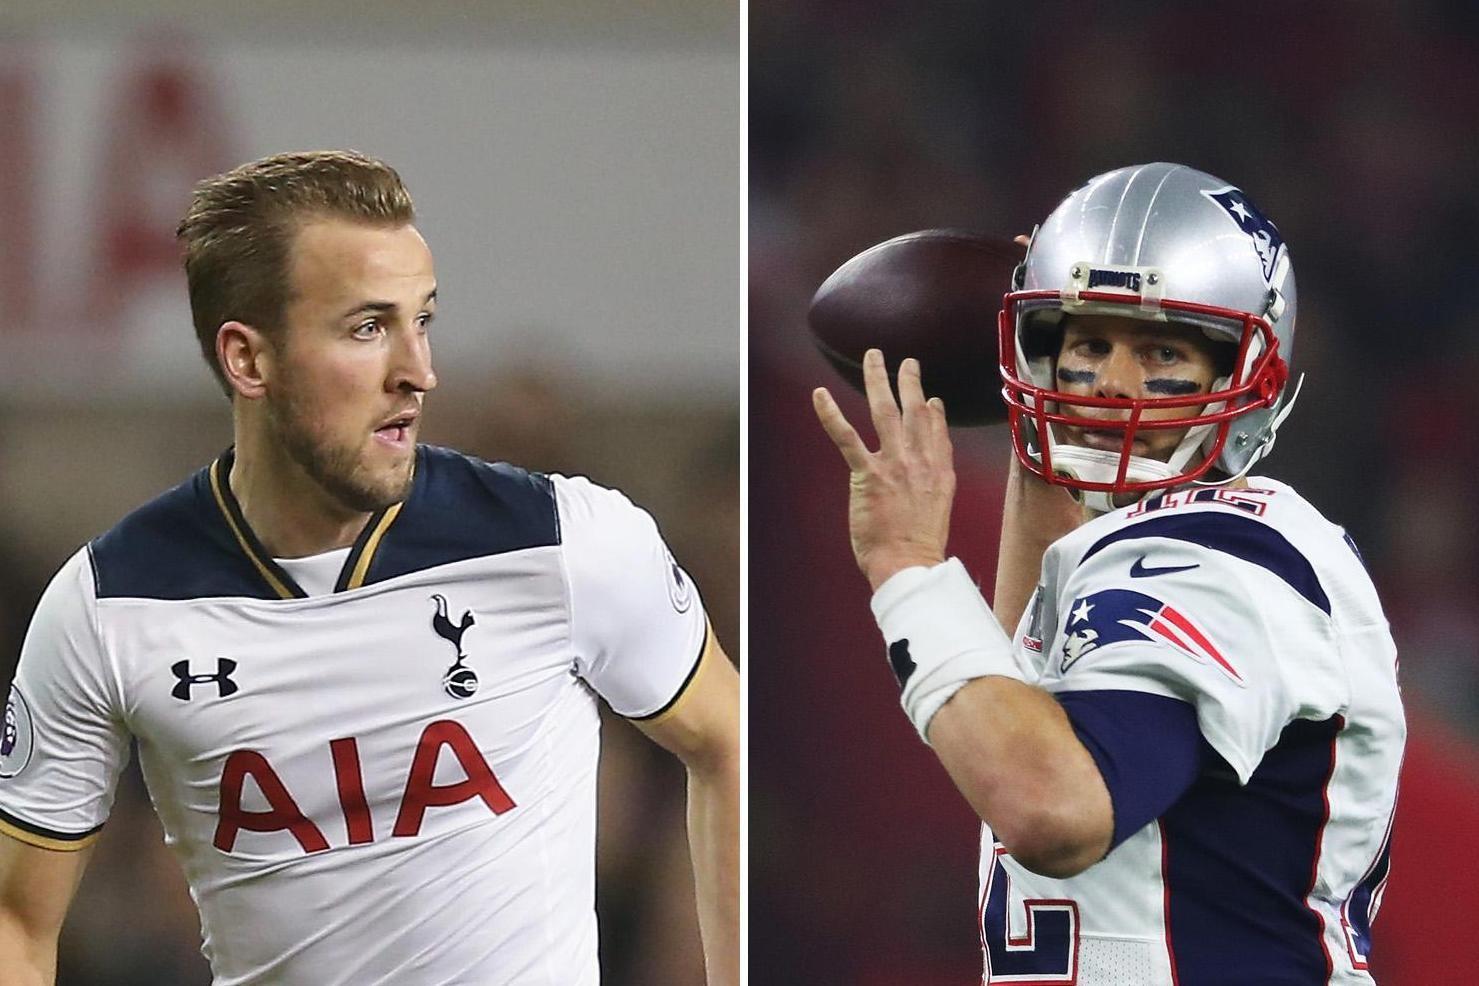 哈里-凯恩:向橄榄球巨星汤姆-布雷迪看齐,做最好的自己